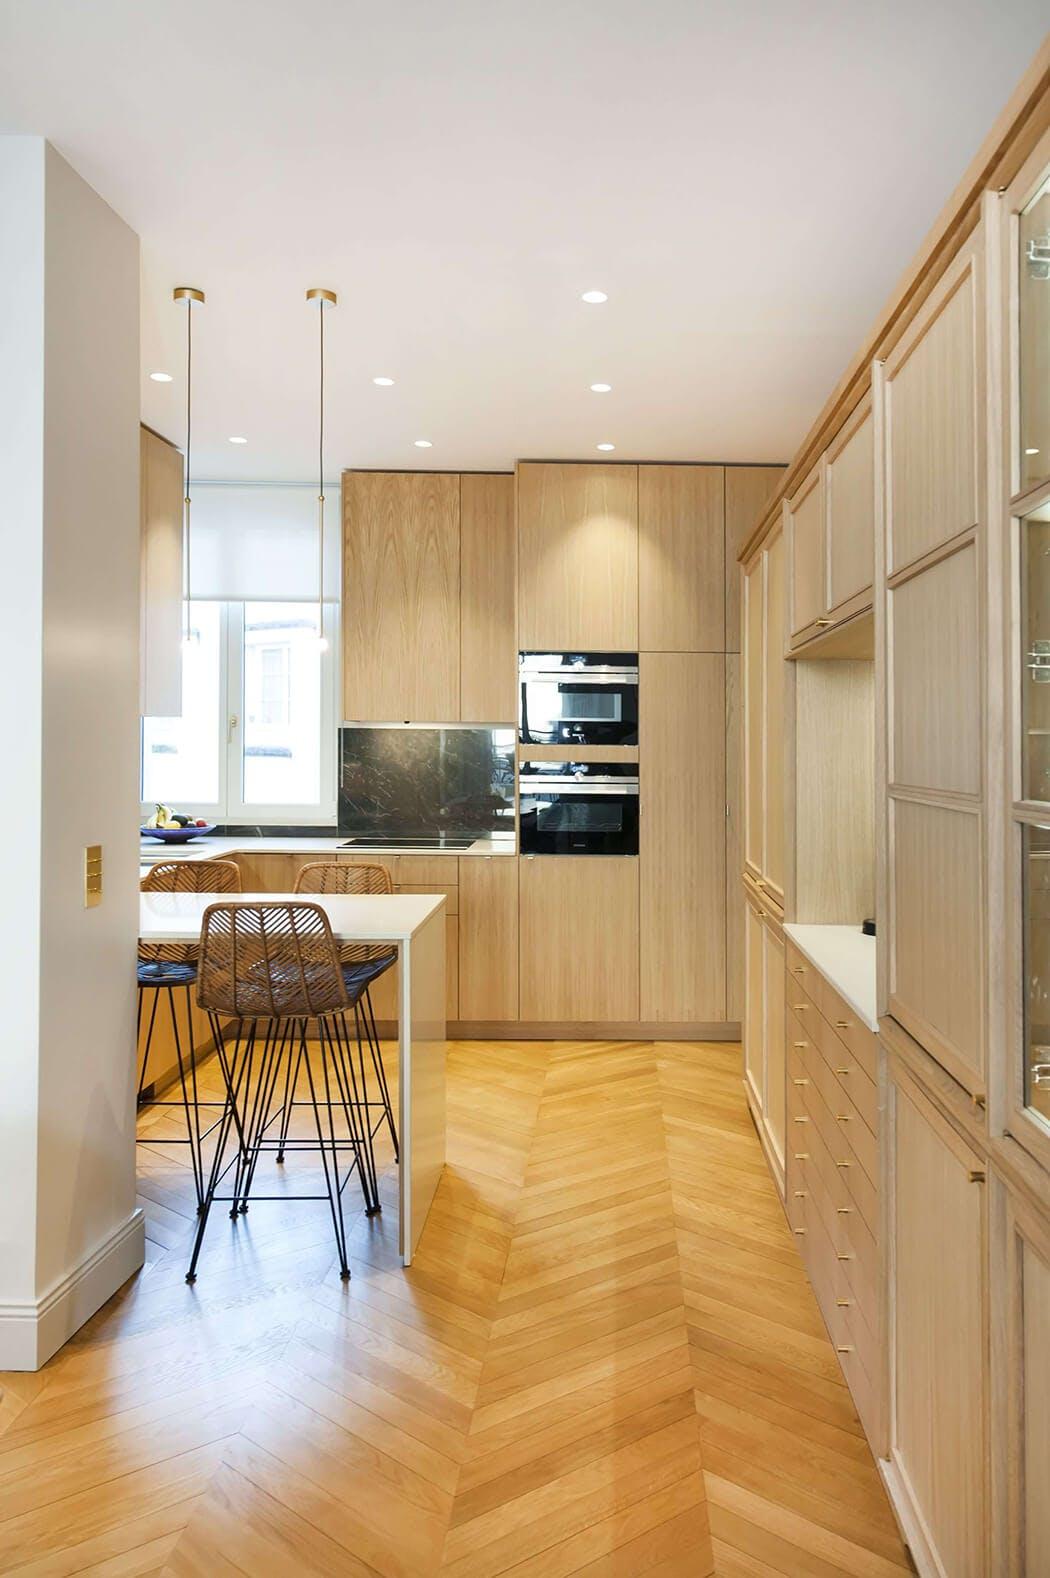 renovation haut de gamme pour la cuisine de cet appartement haussmannien